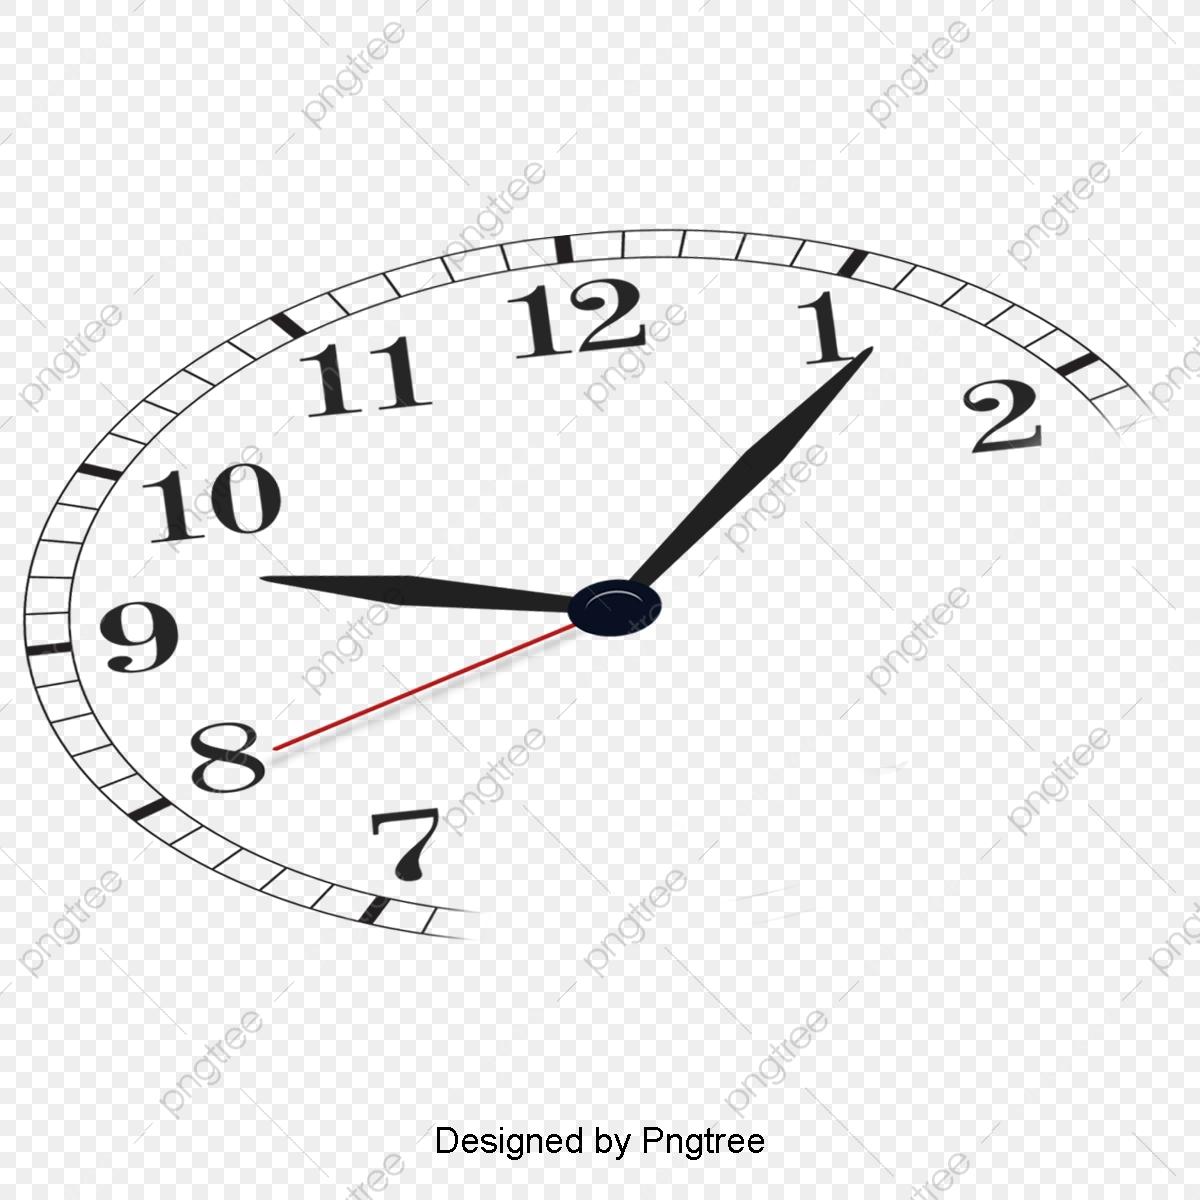 Horloge, Horloge, Réveil, Horloge Fichier PNG et PSD pour le.